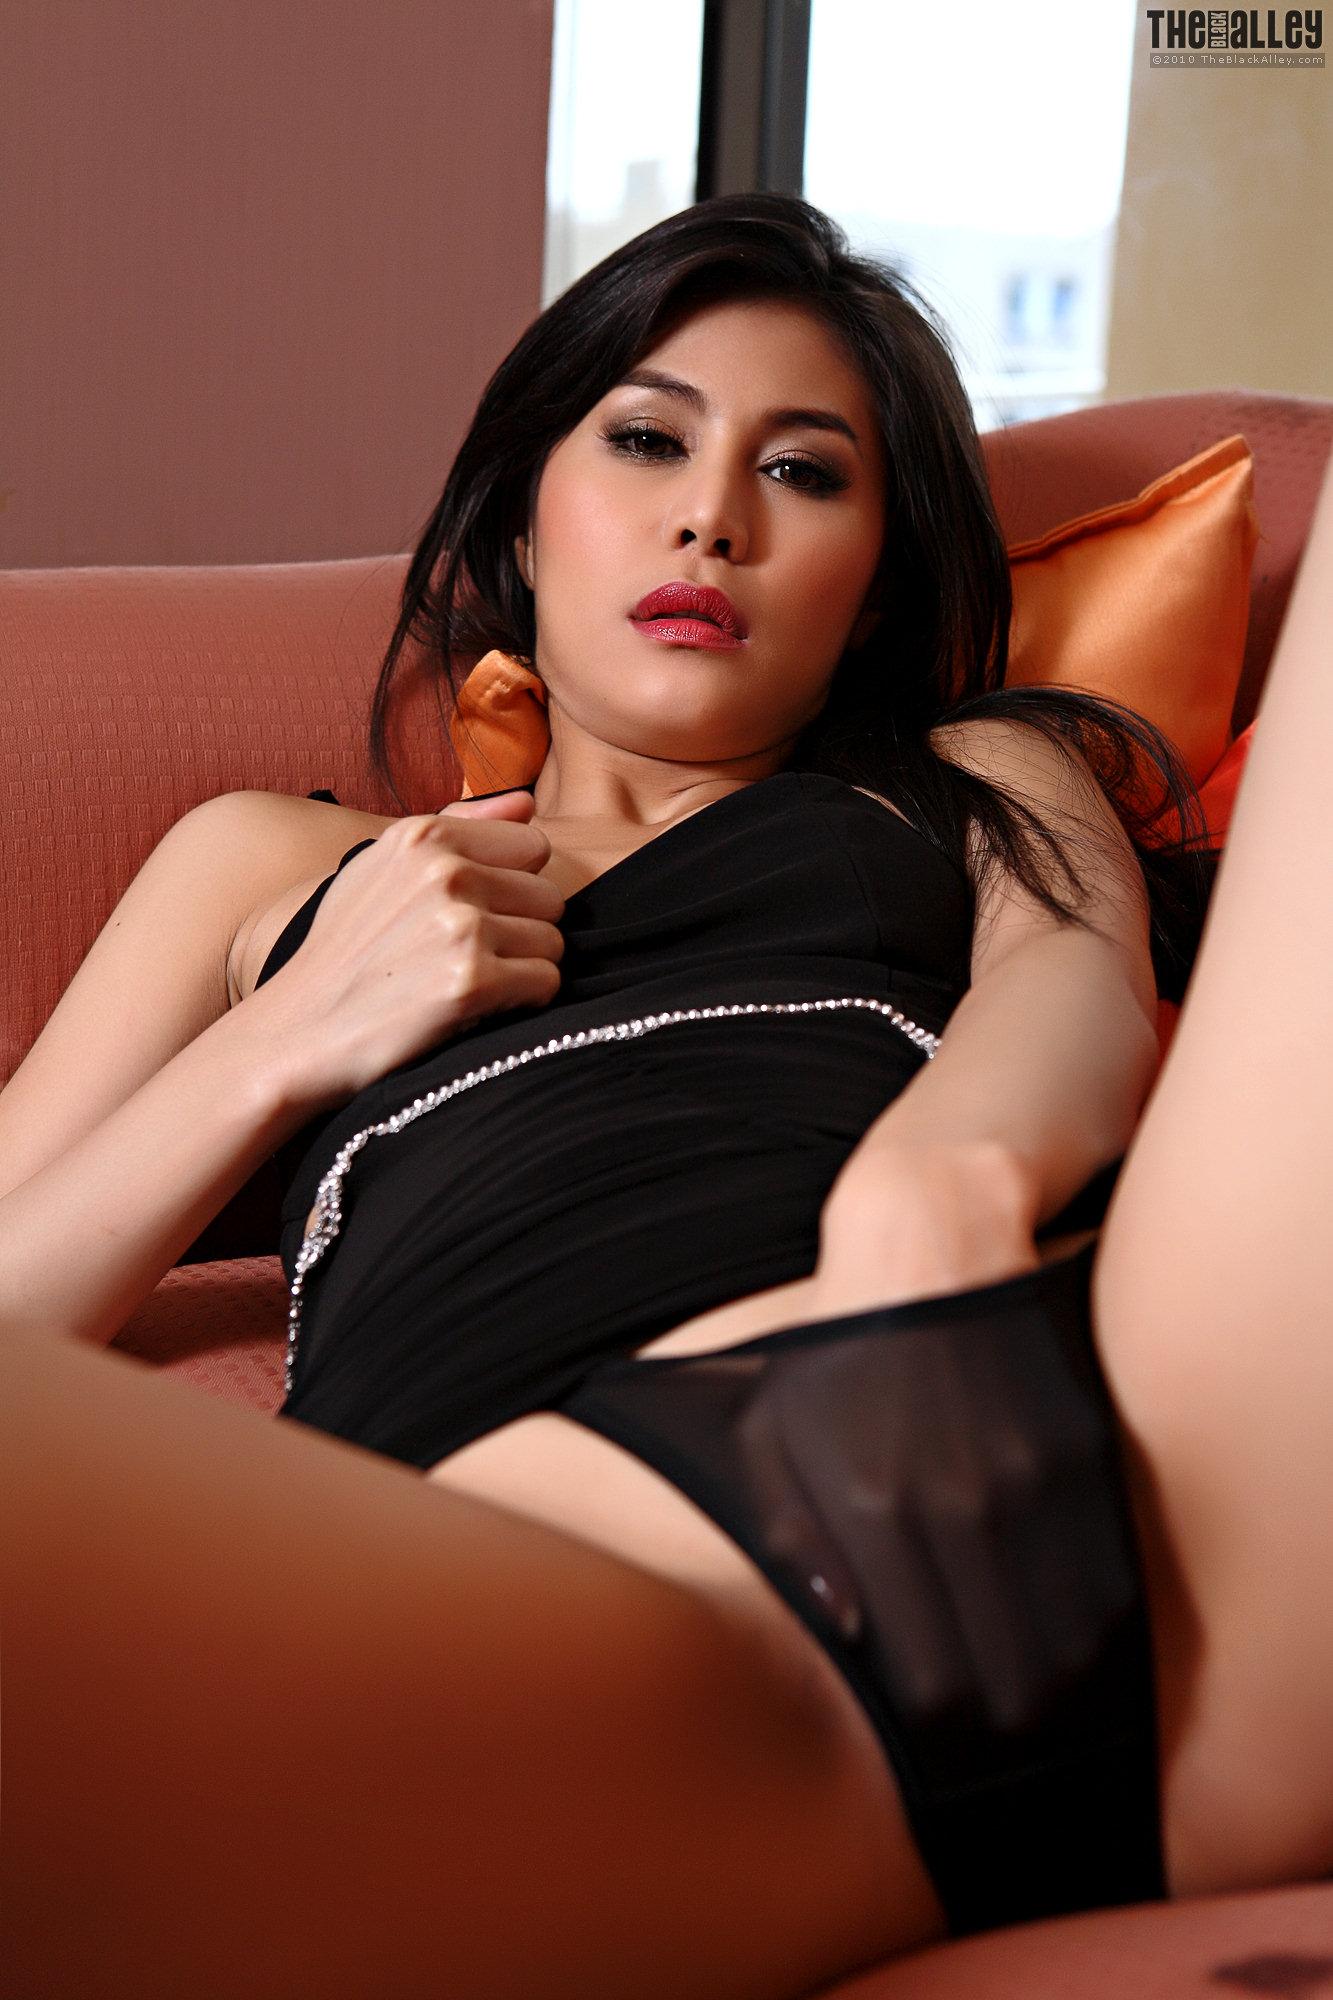 asian4u nude models fuck